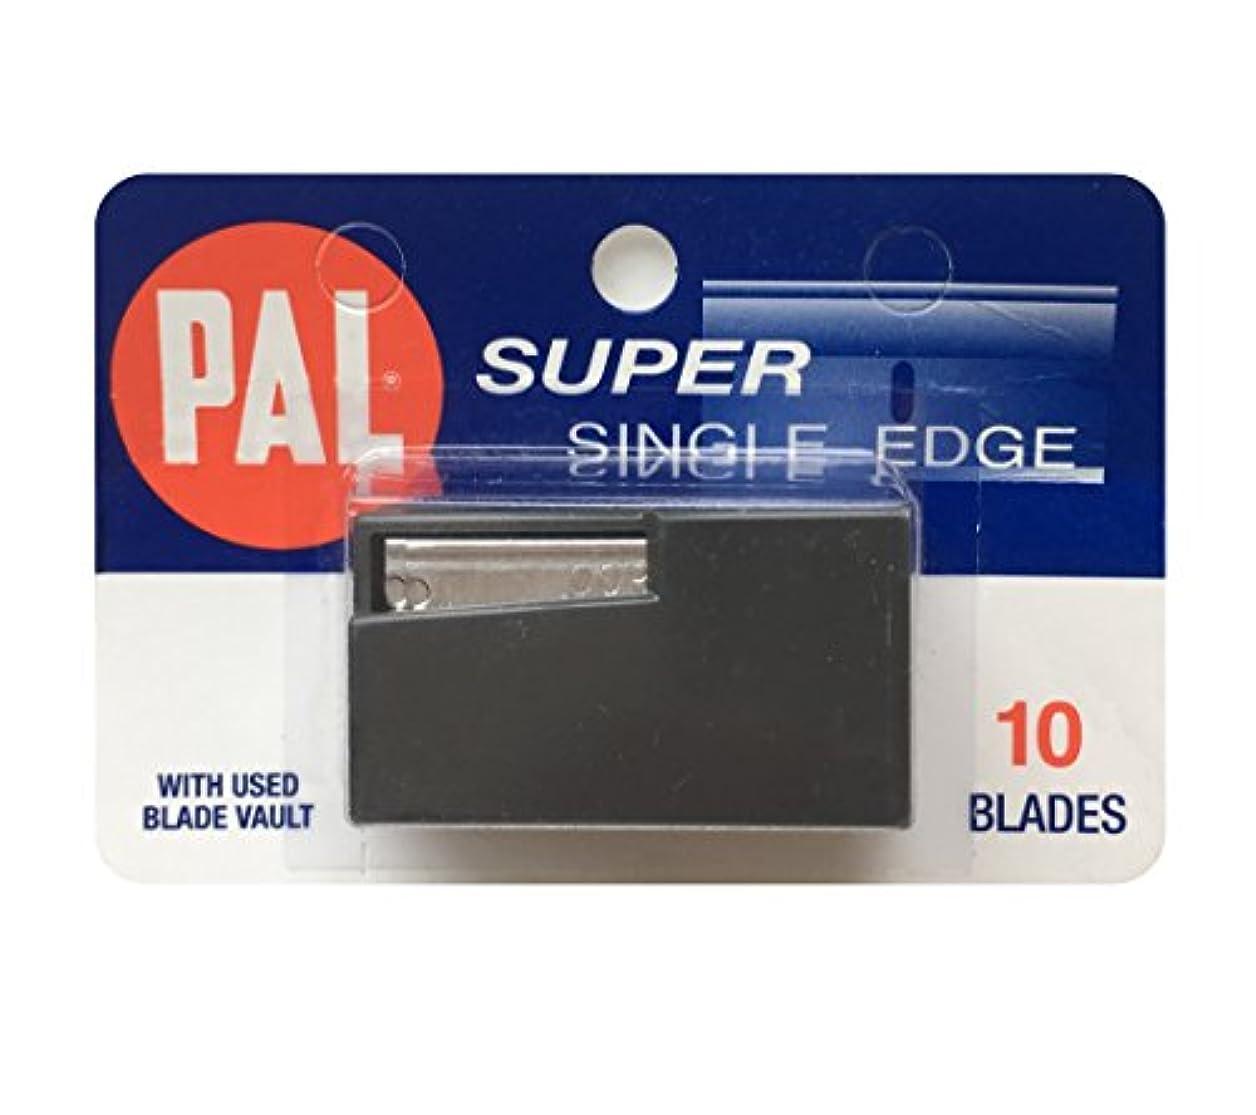 プラカード苗永遠のPAL SUPER (パル スーパー)シングルエッジ 片刃替刃 10枚入り [並行輸入品]